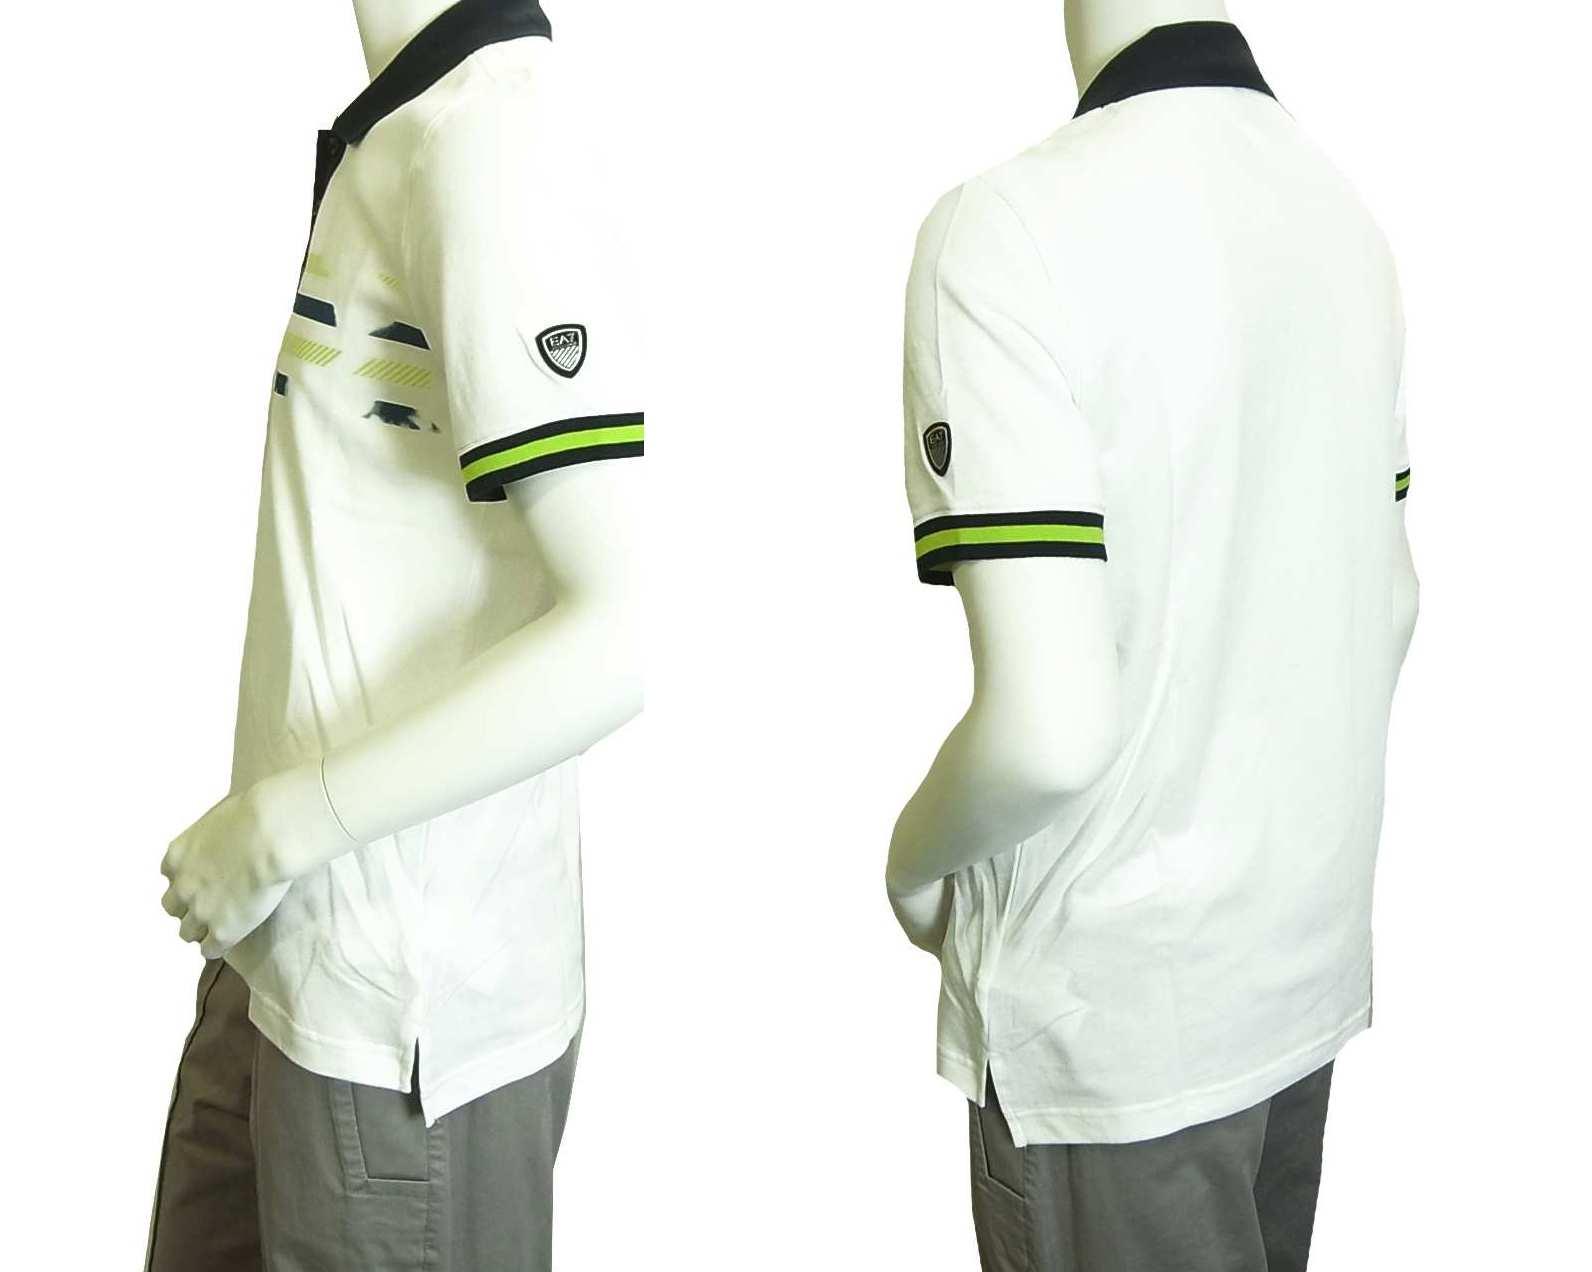 newest 9fd66 55d83 ポロシャツ ホワイト ゴルフ メンズ Lサイズ エンポリオアルマーニ EA7